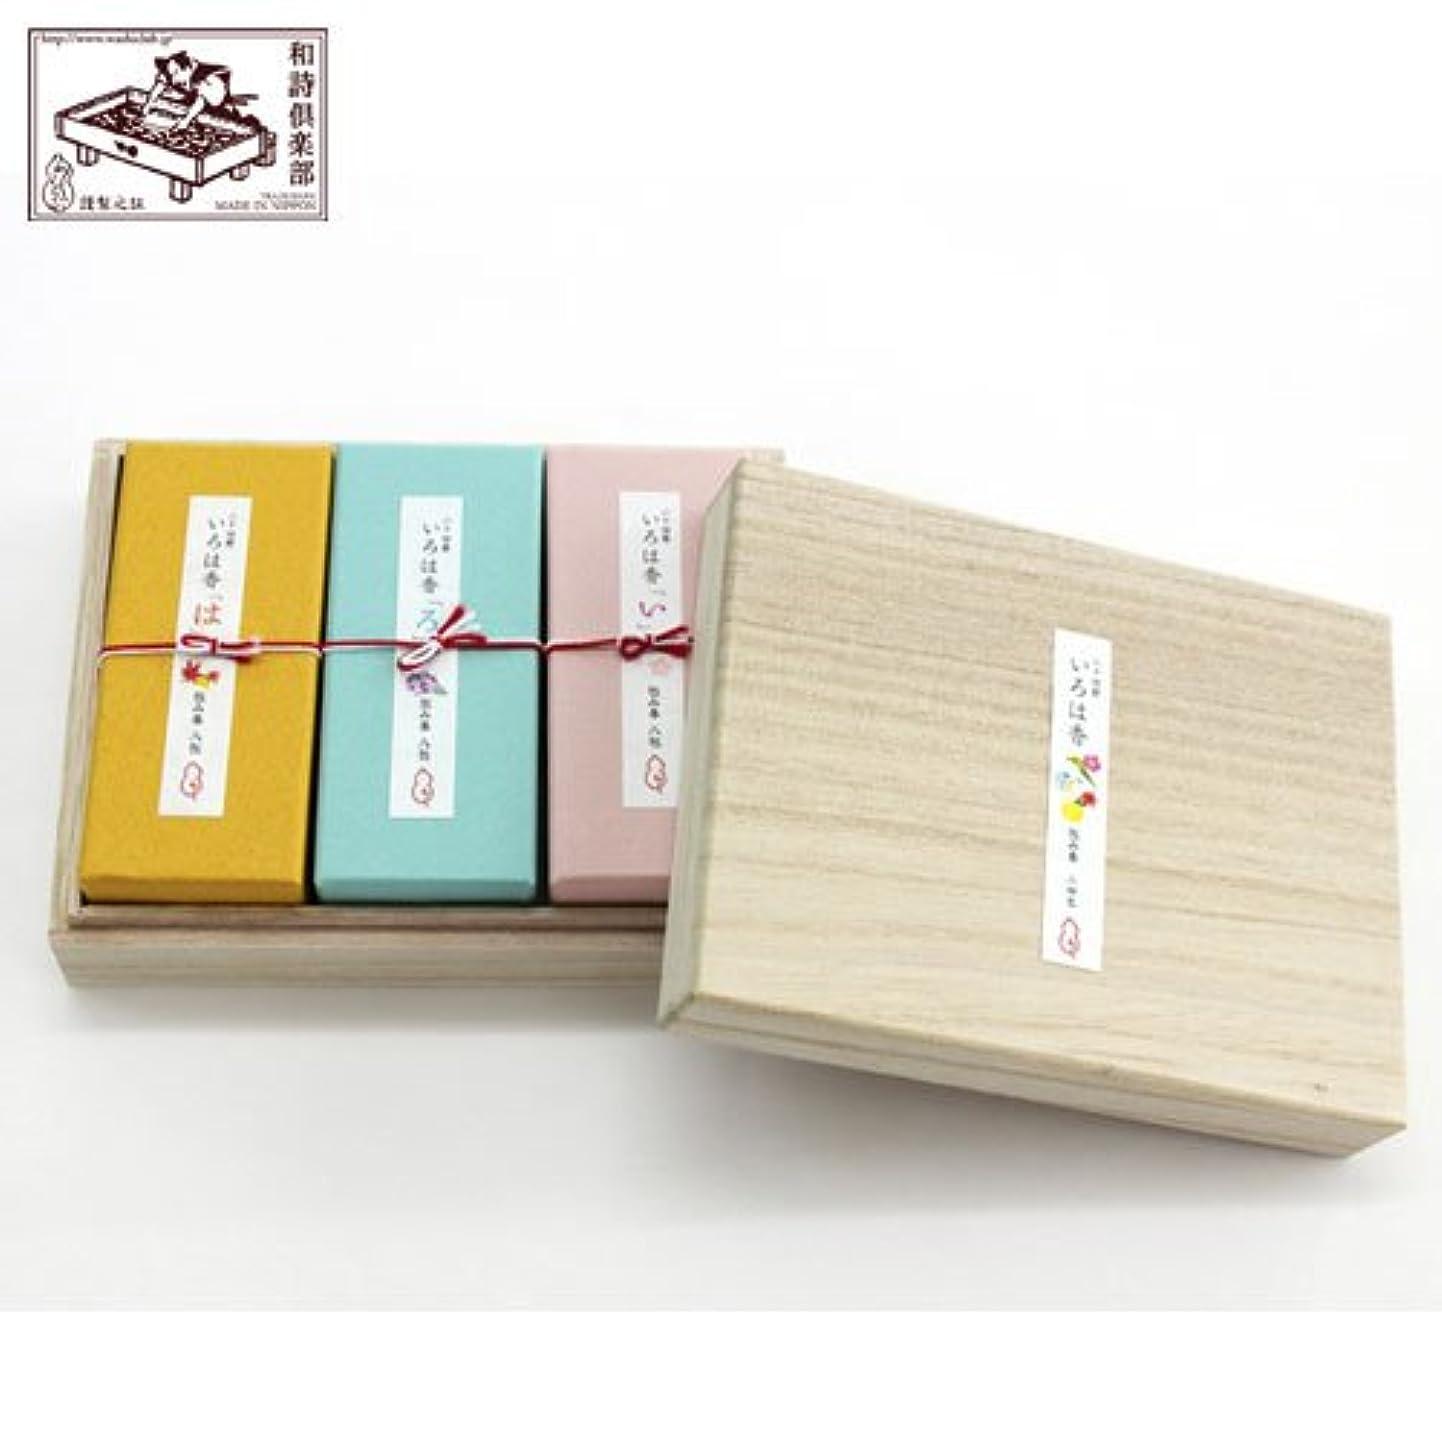 孤独腸デイジー文香包み香セットいろは香二十四節気 (TT-001)和詩倶楽部